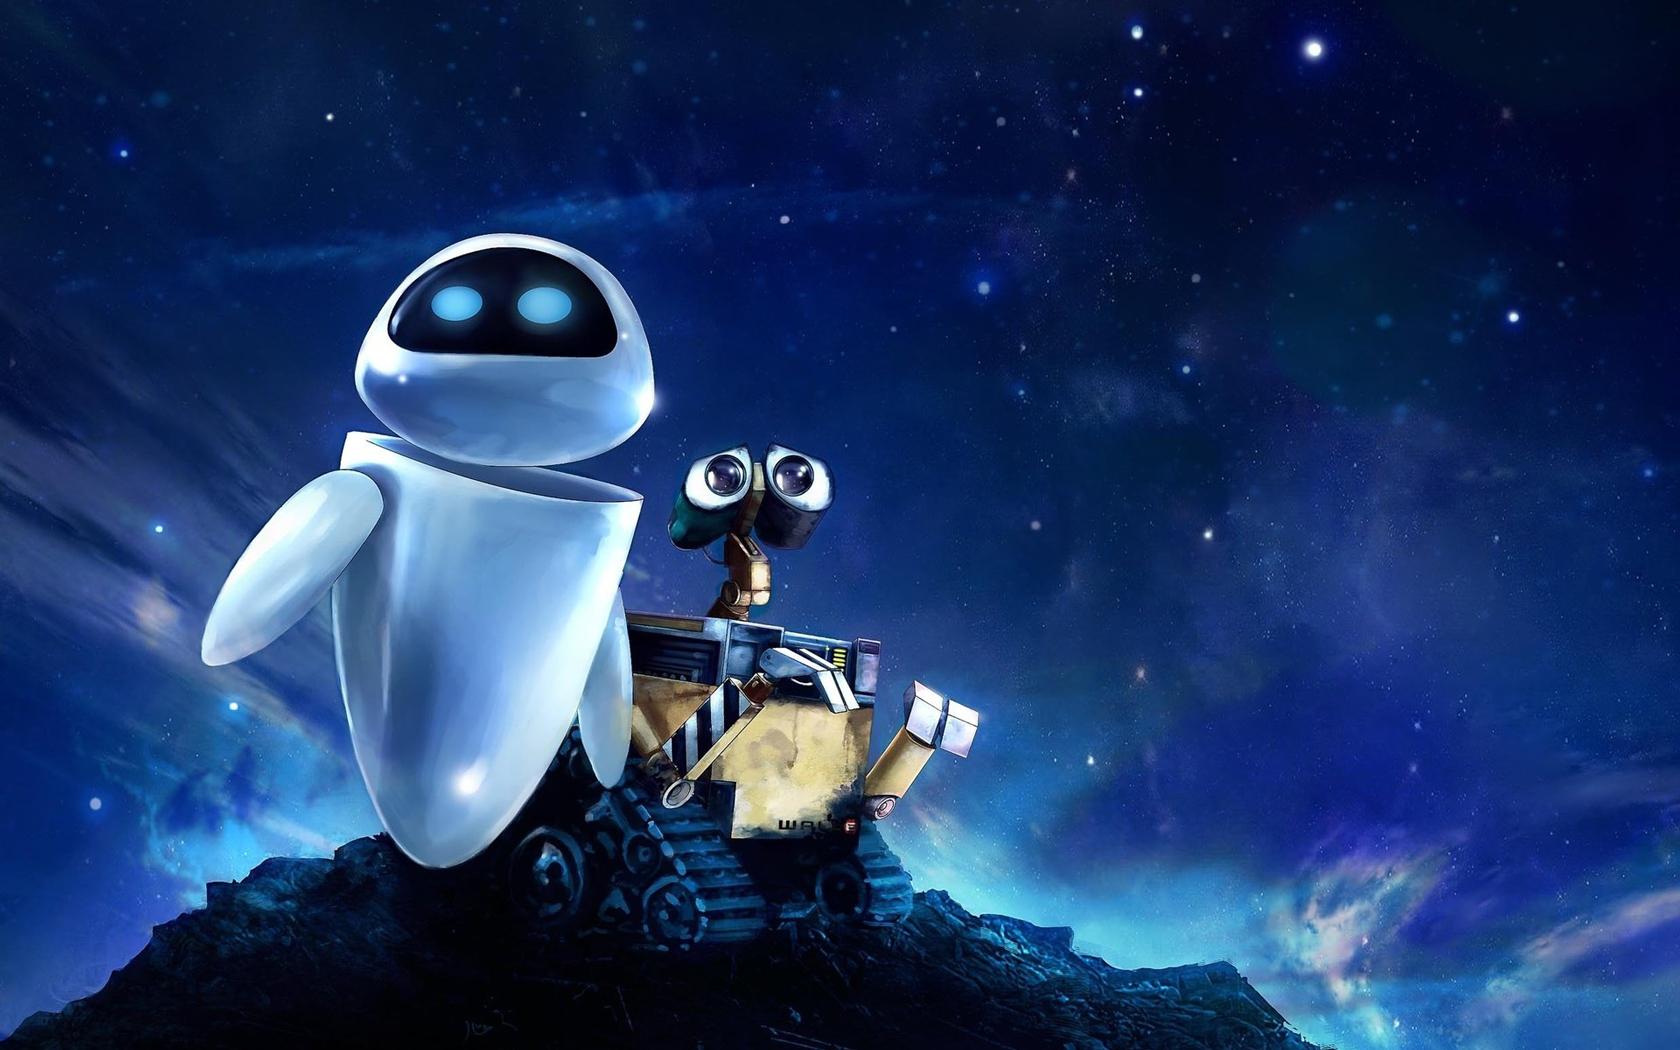 Tanweer - Wall-E